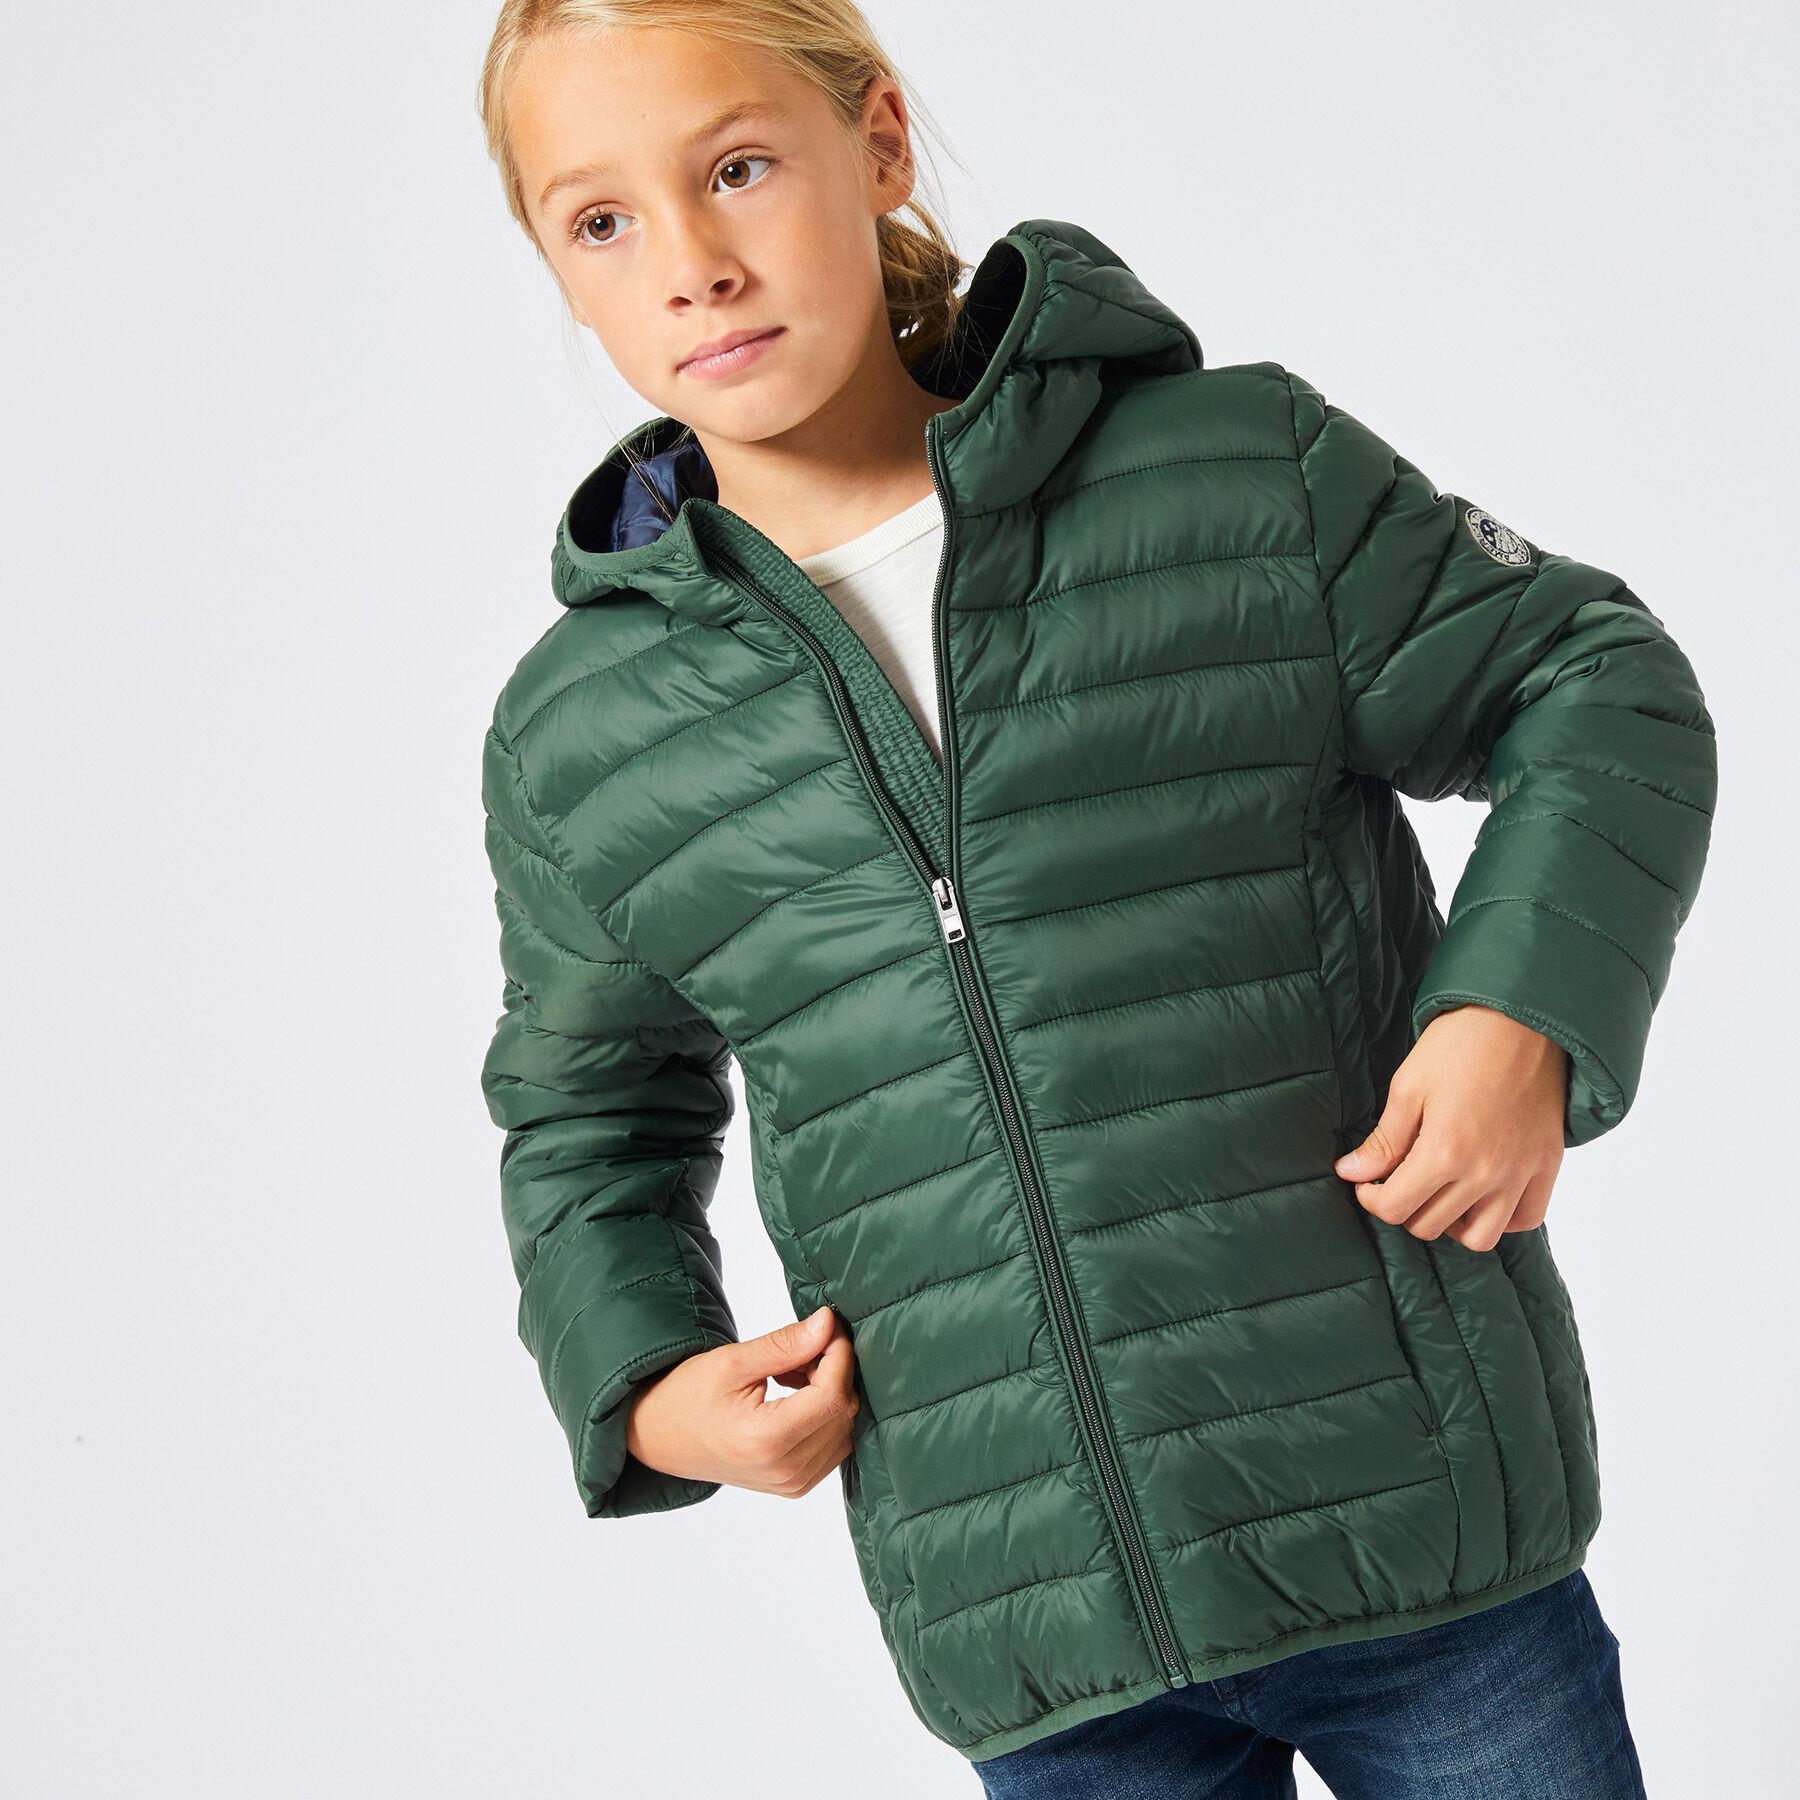 Today Online Grün Jungen Jacke KaufenAmerica Alex rChtsQd